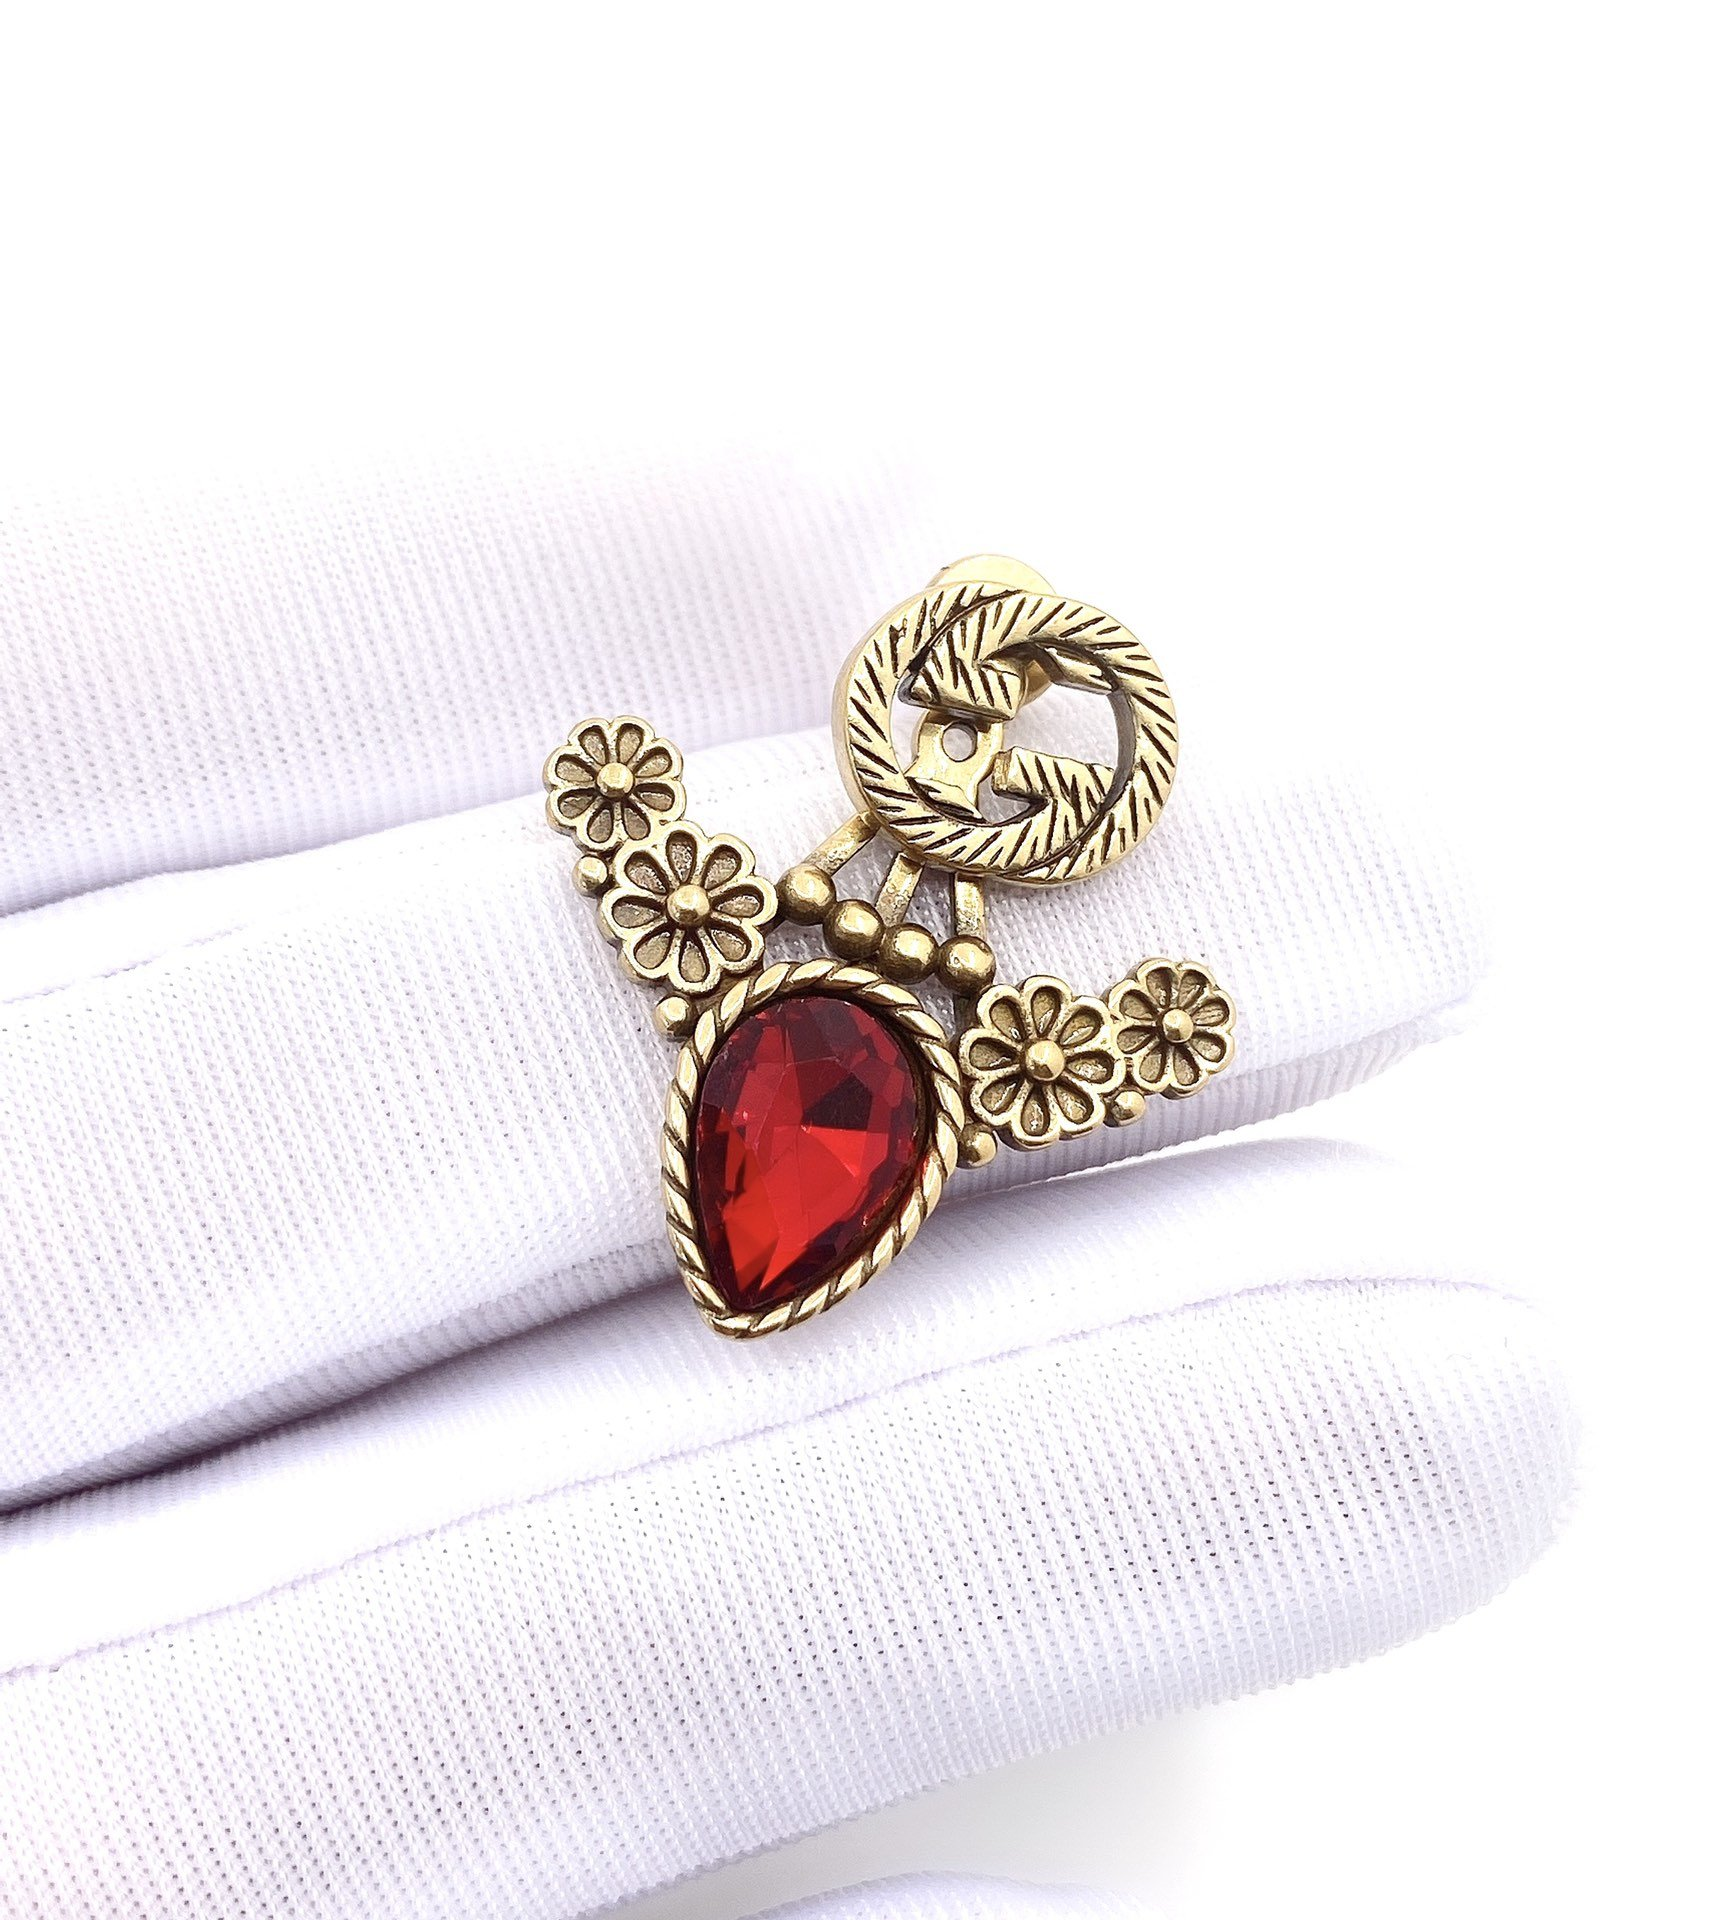 古驰复古红宝石花朵两戴款耳环